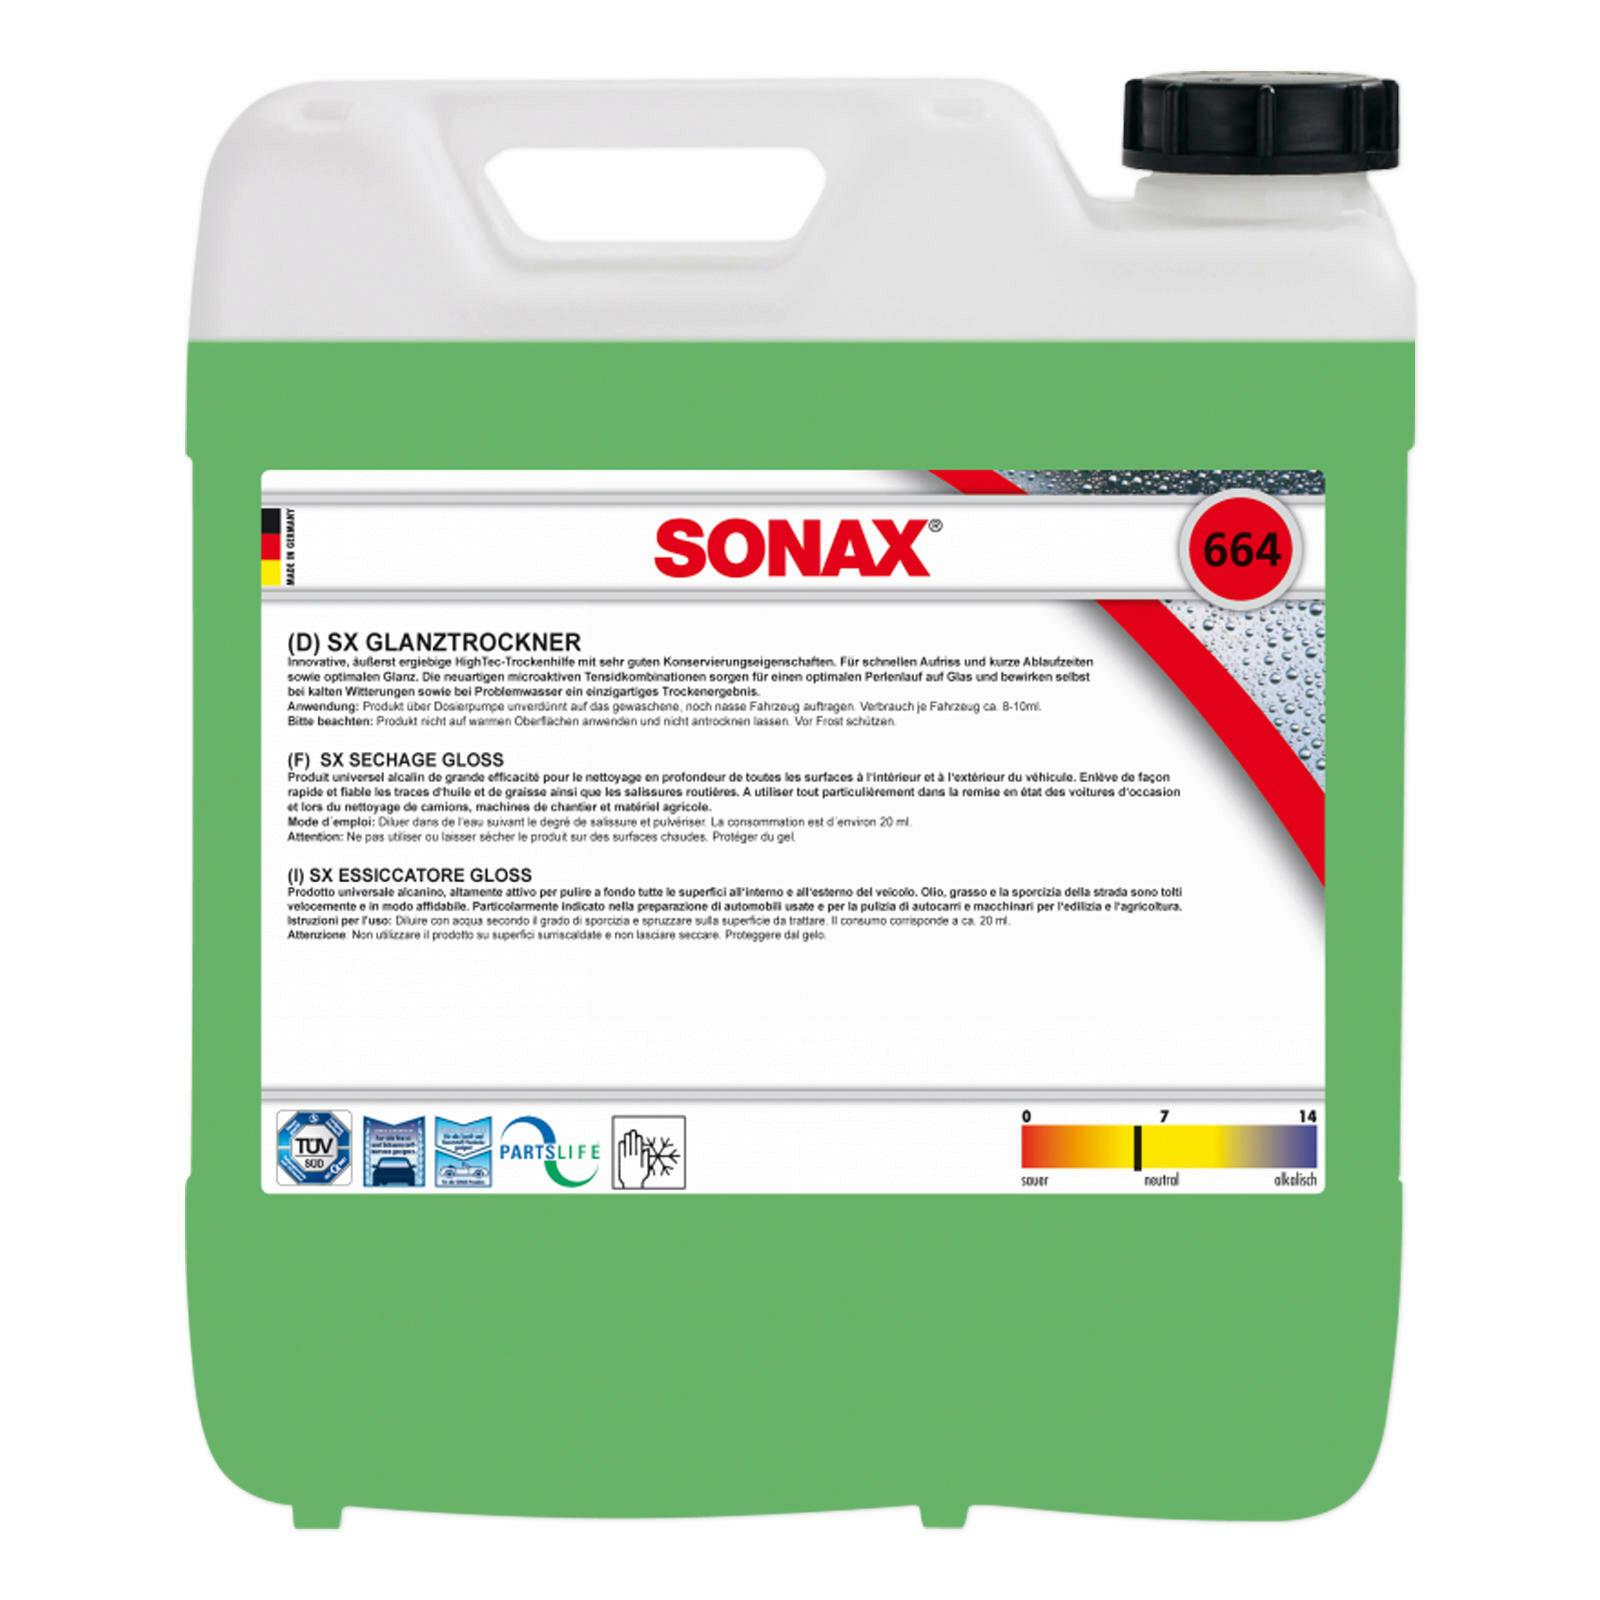 SONAX SX GlanzTrockner 10L